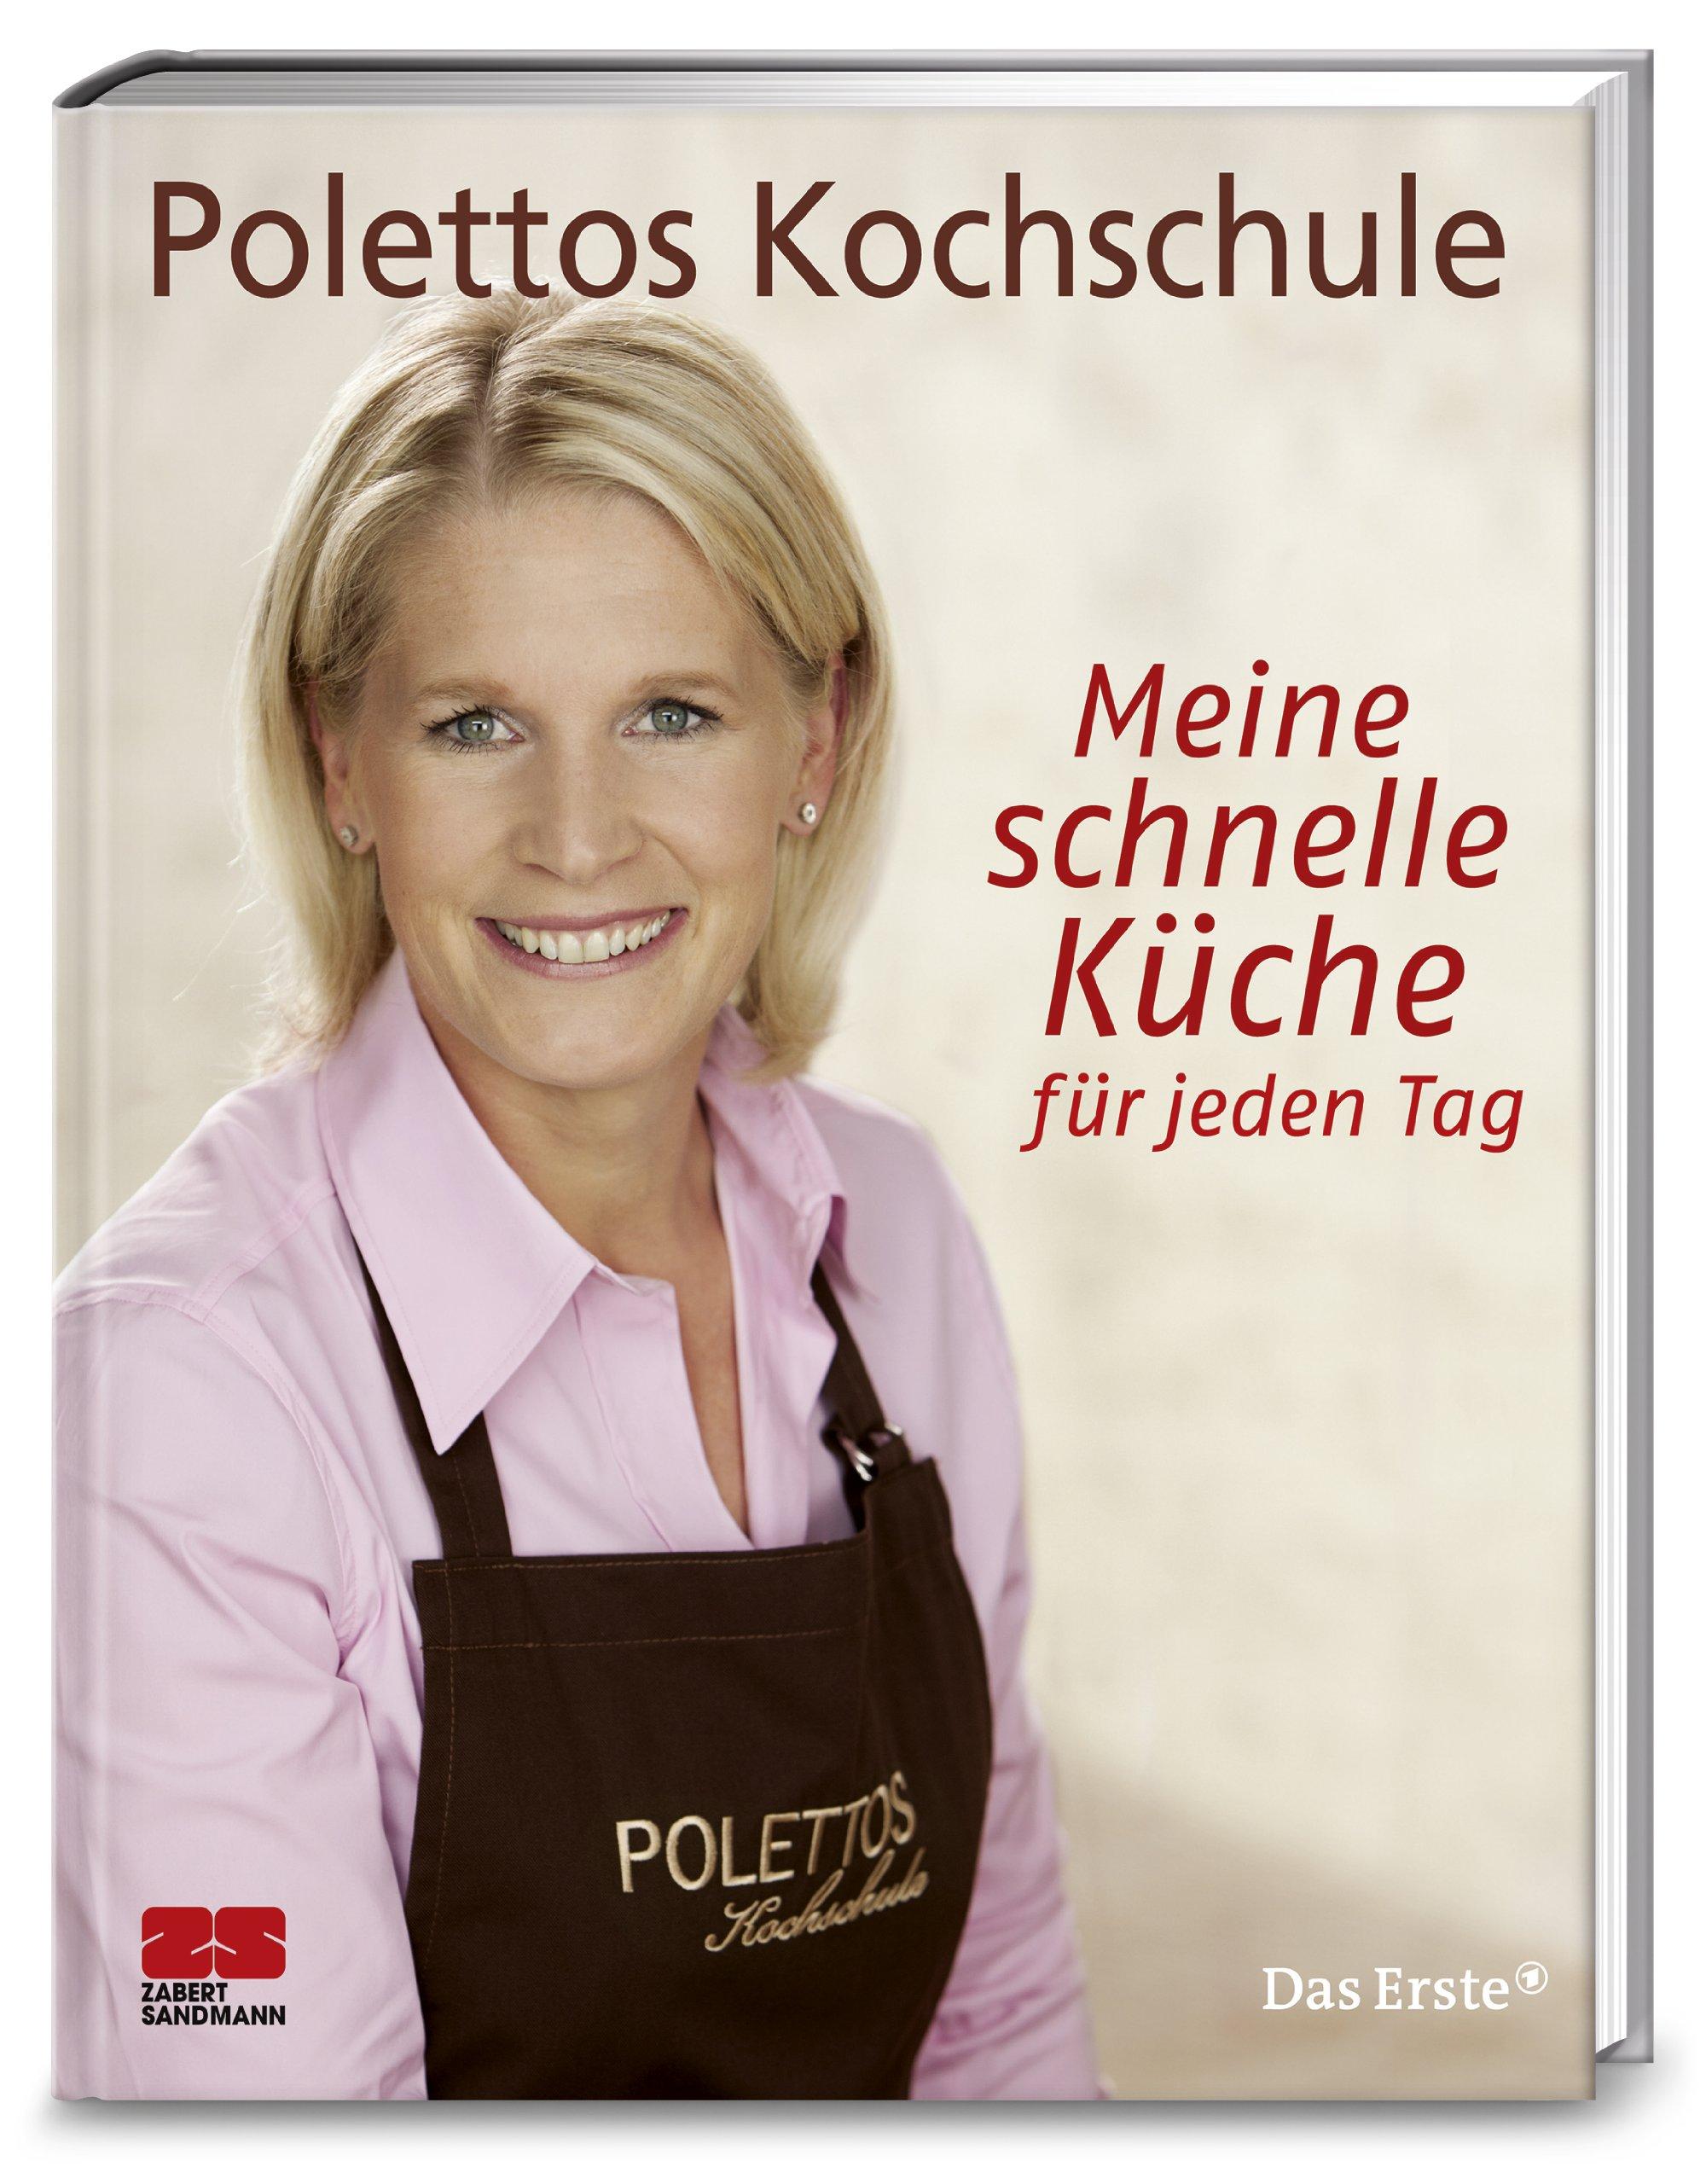 Cornelia Poletto, Meine schnelle Küche für jeden Tag